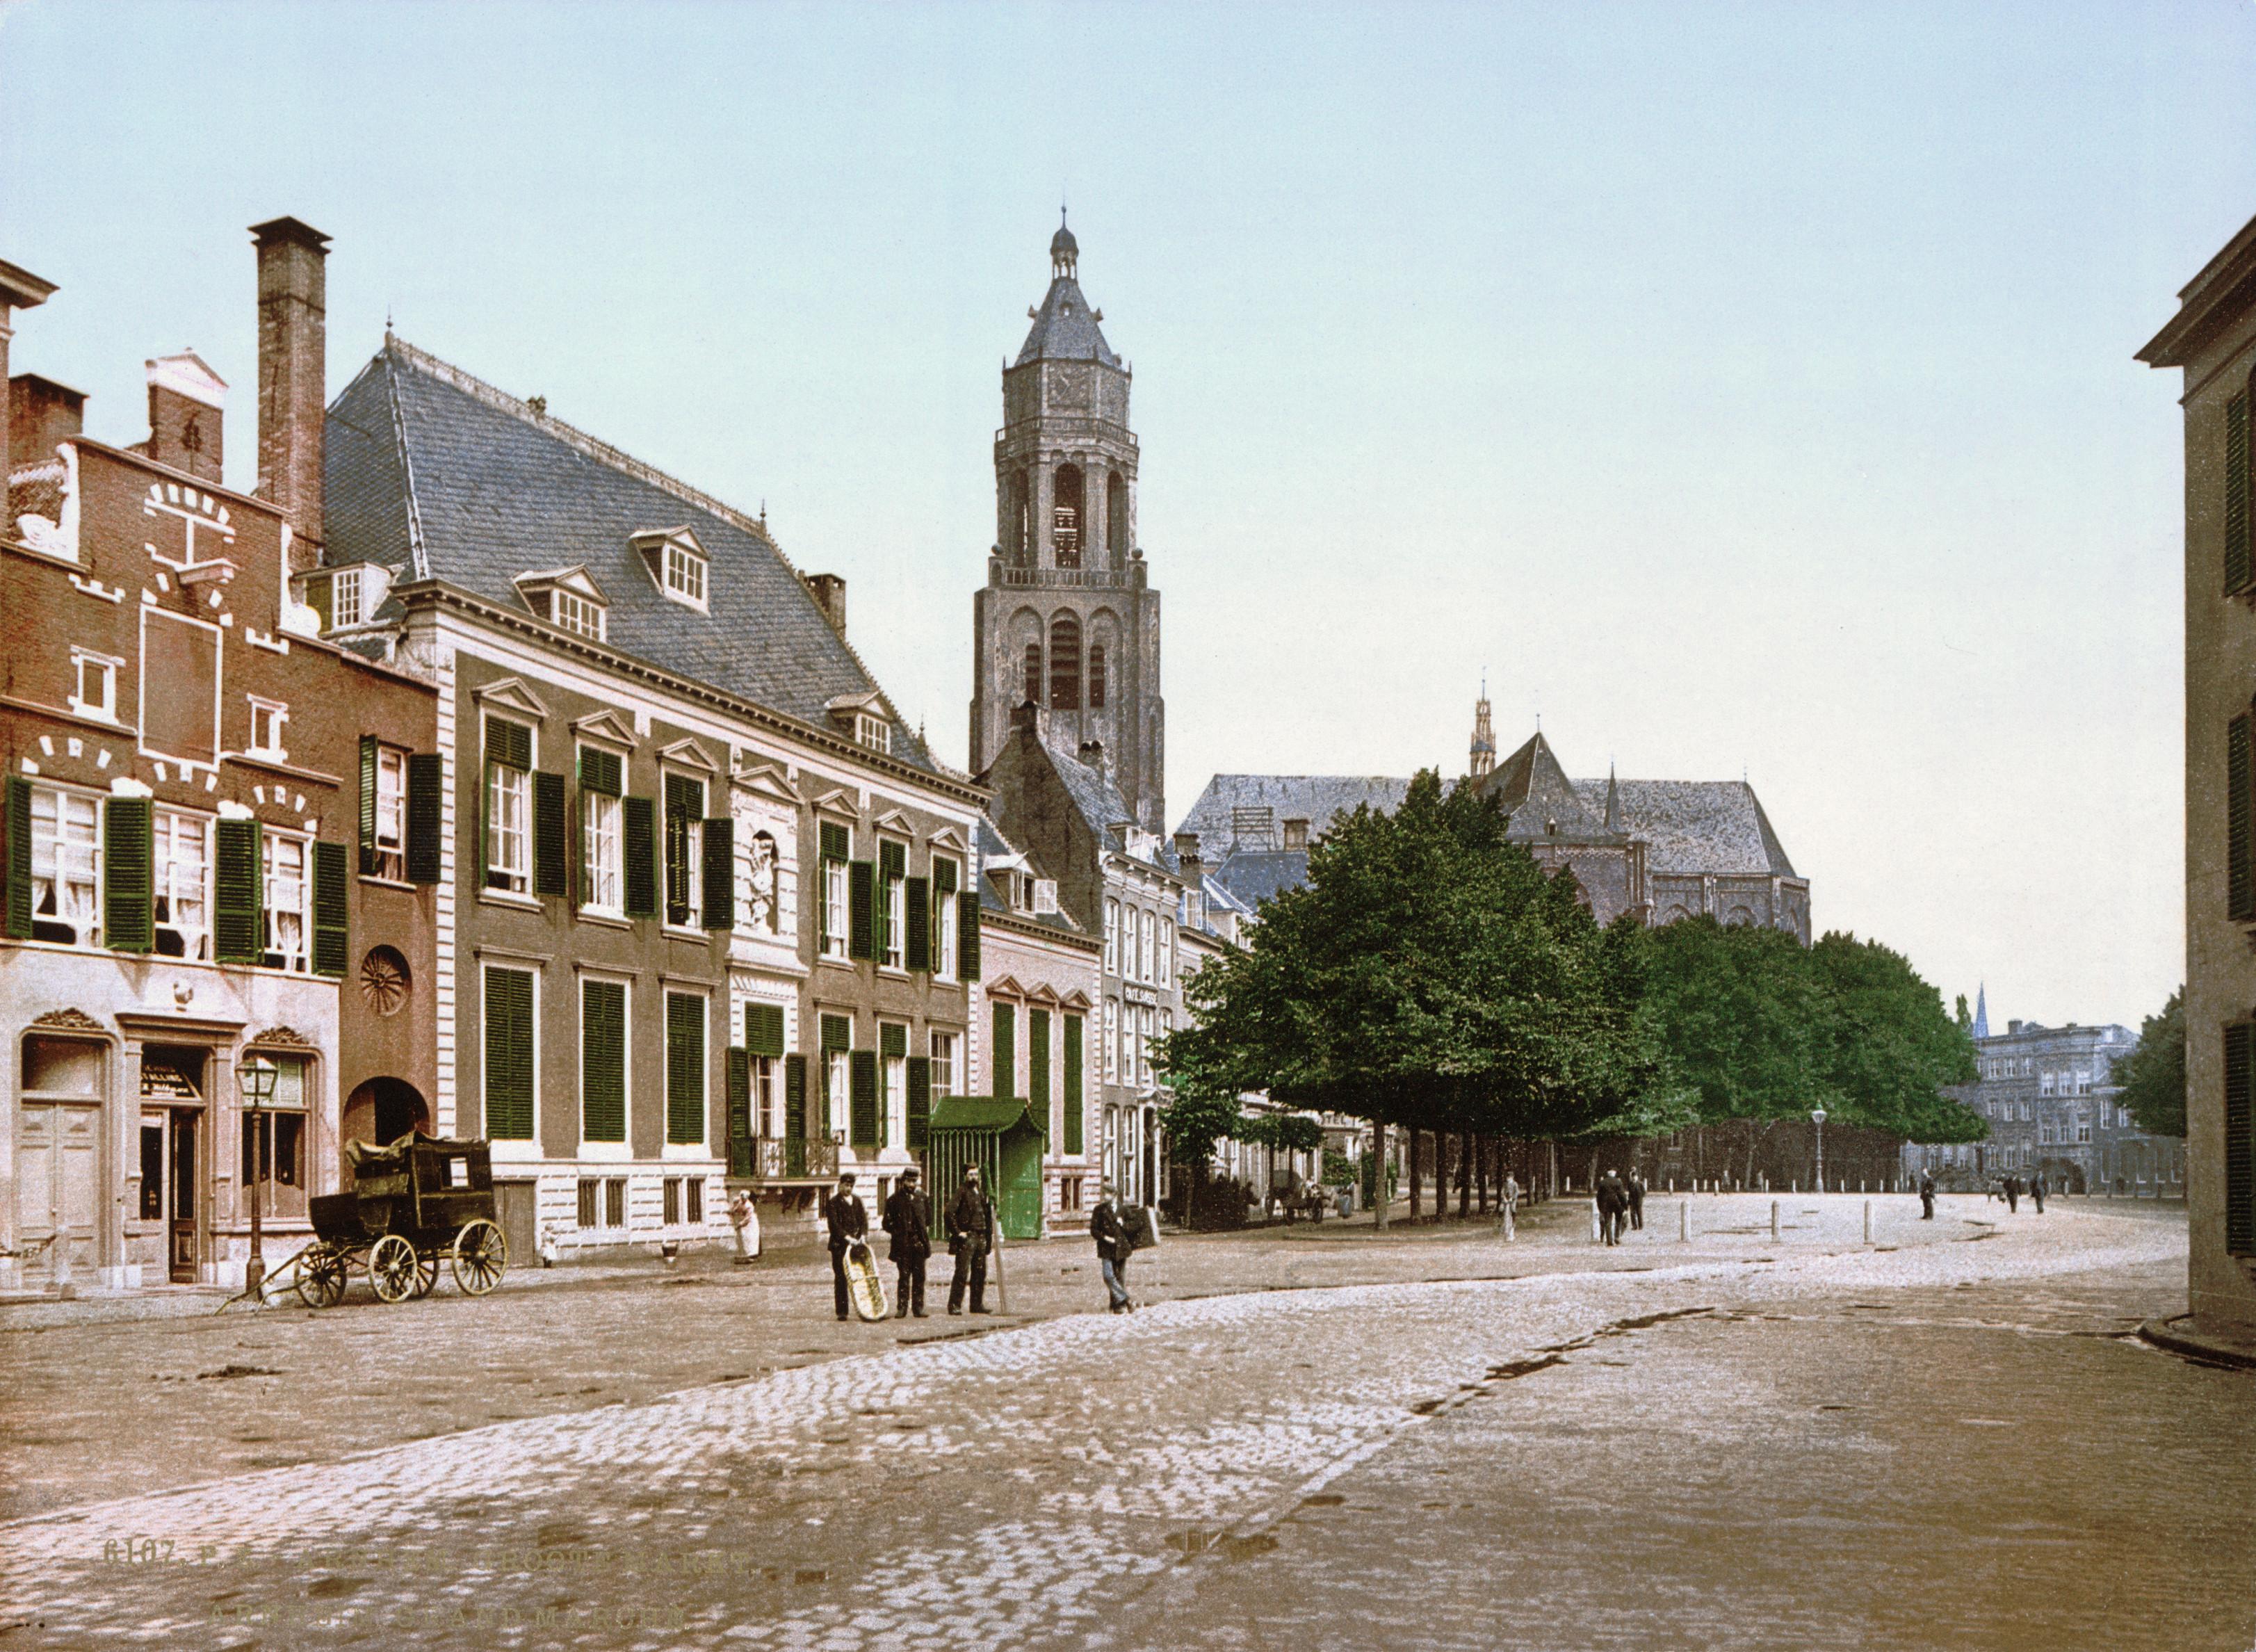 File:Arnhem - Grote Markt.jpg - Wikimedia Commons